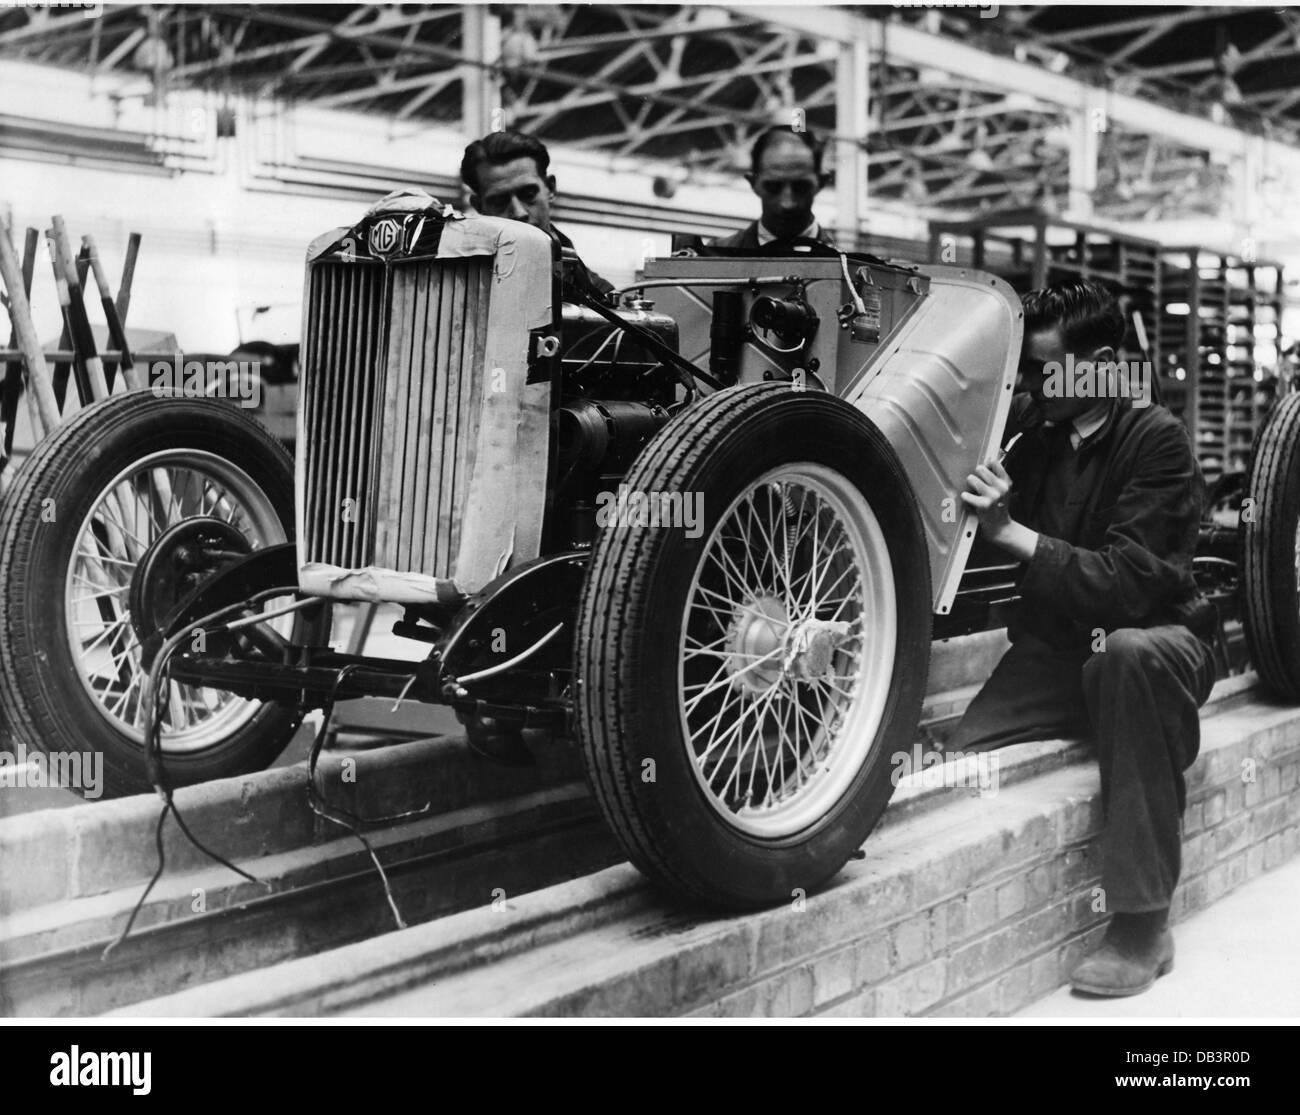 Industrie, Automobilindustrie, die Produktion der ersten MG Midget nach dem zweiten Weltkrieg, 1940, Großbritannien, Stockbild